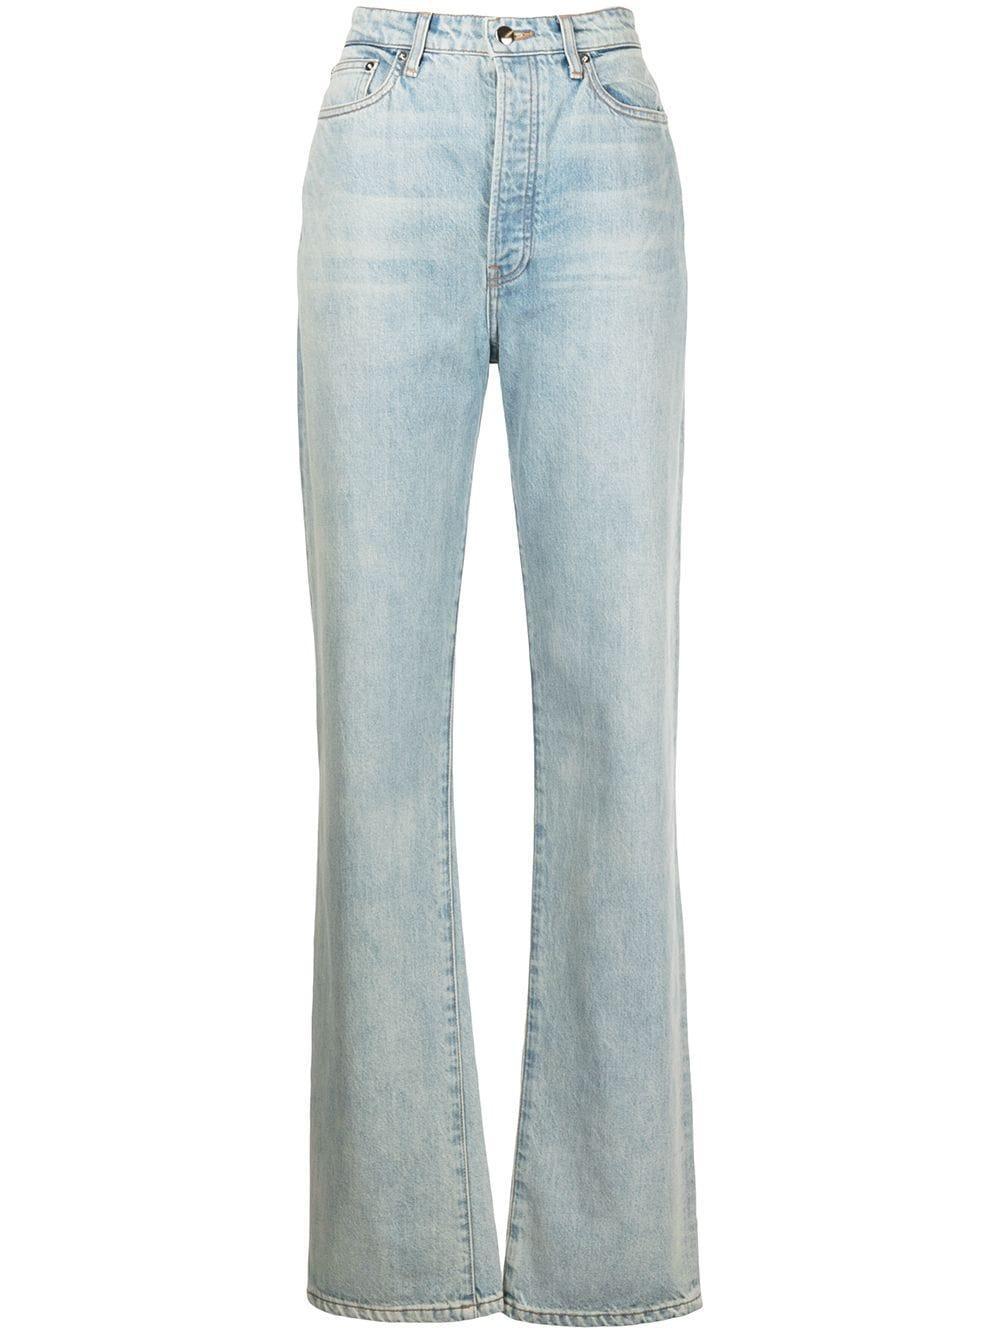 Sienna Straight Leg Jean Item # SIENNA2104